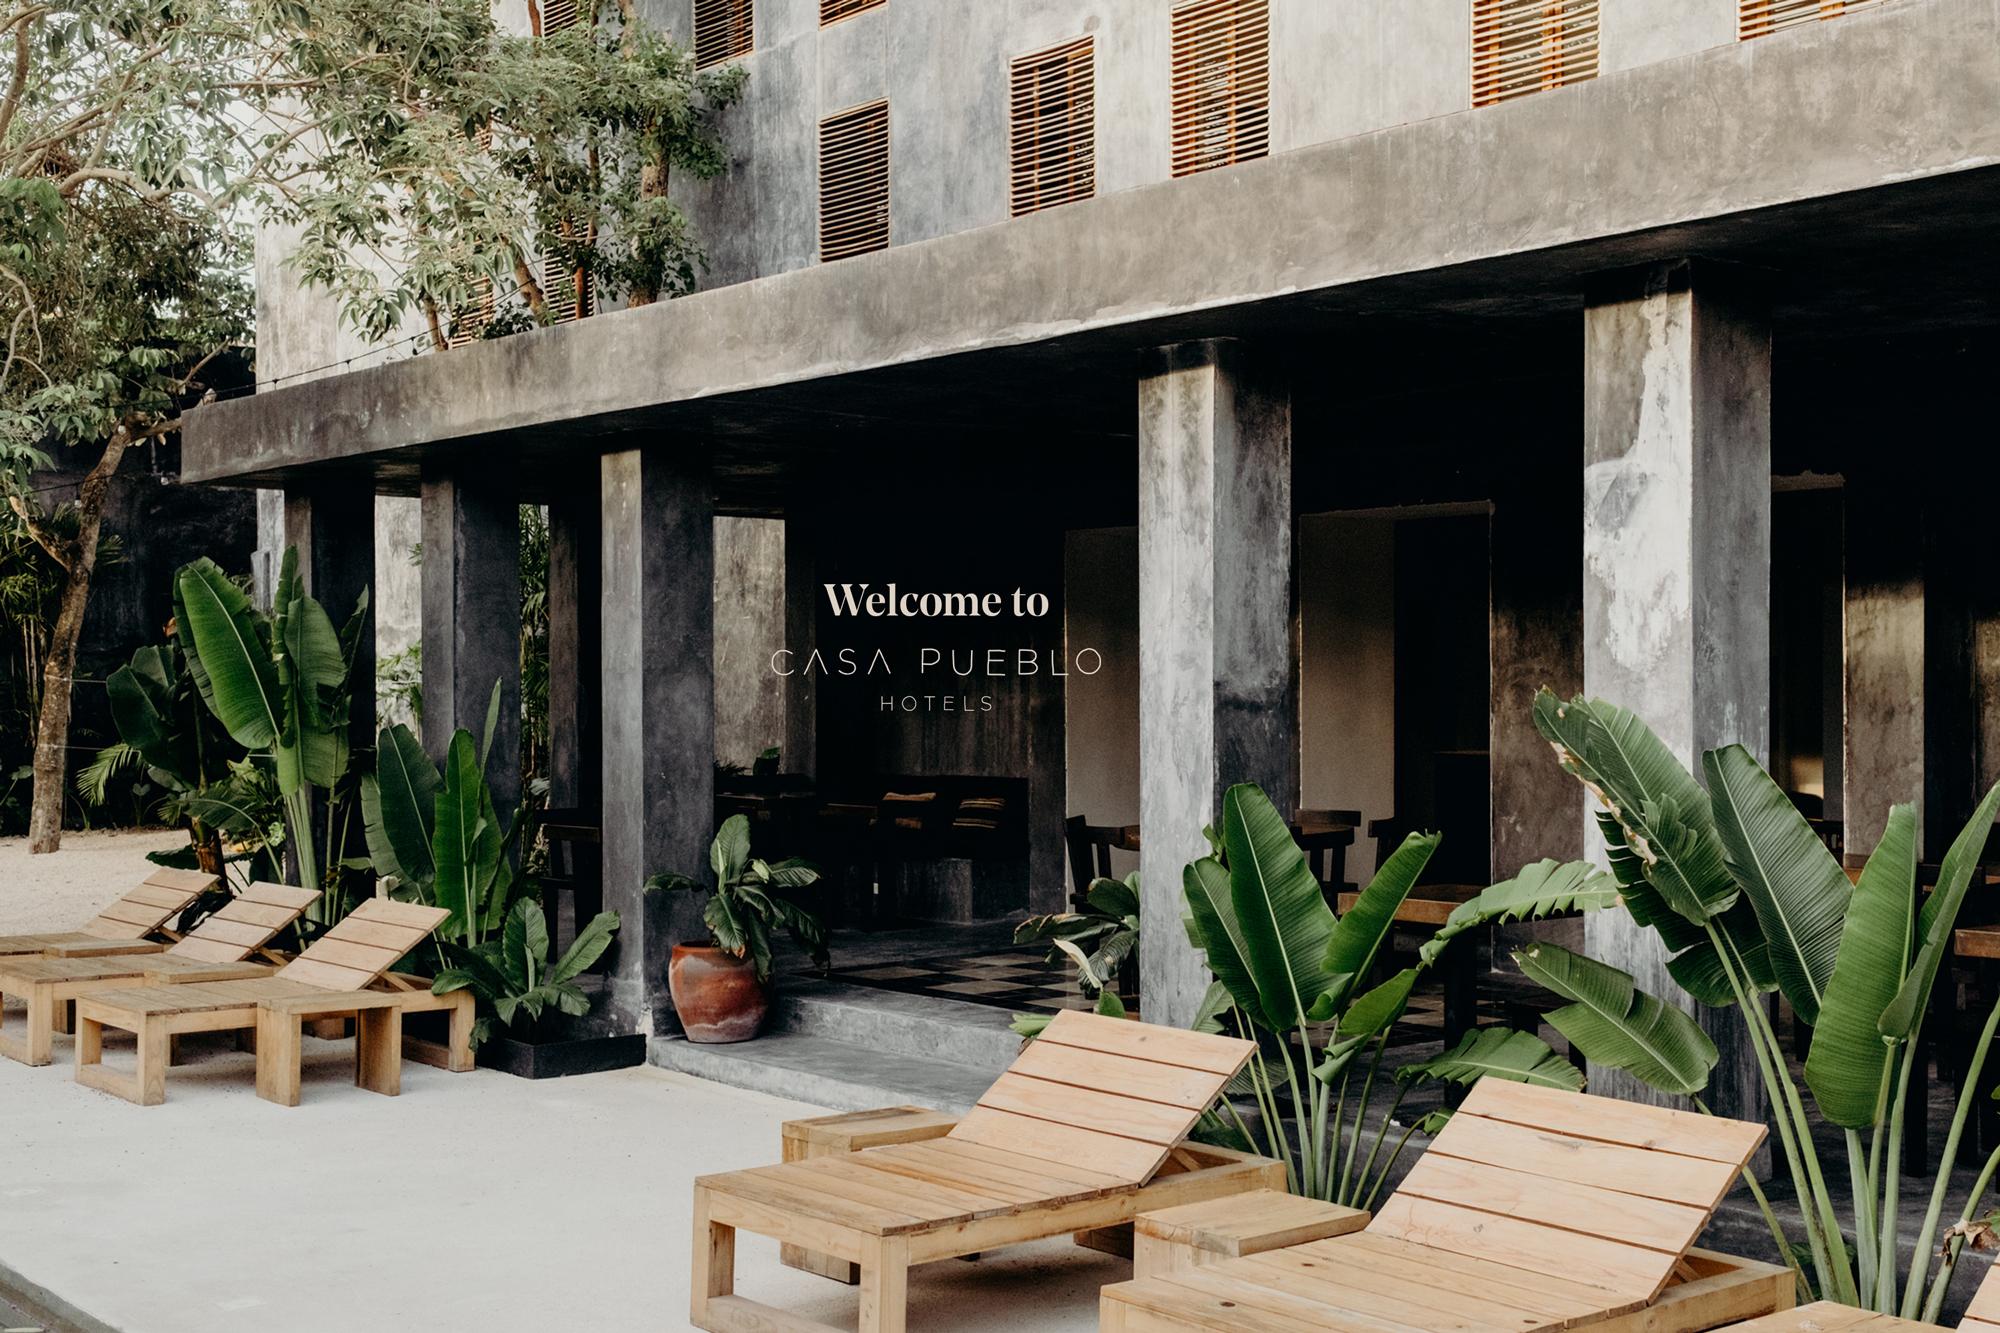 Casa_Pueblo_Tulum_Mexico_Homepage_Edition_Studios_welcome_2.jpg